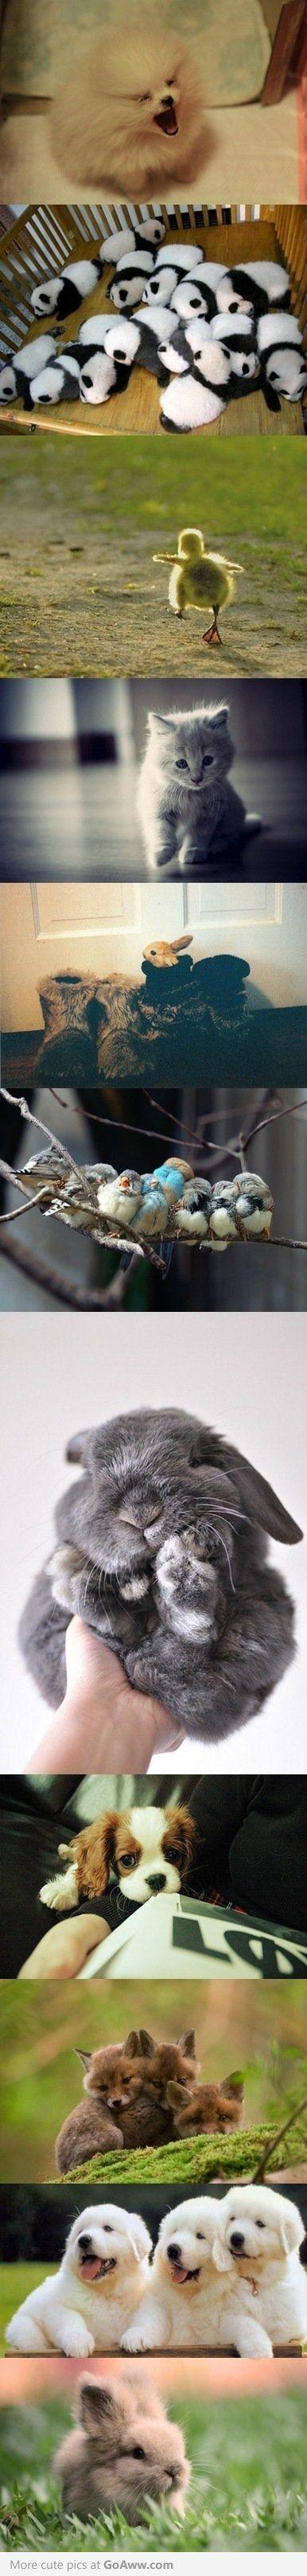 Little balls of fur.